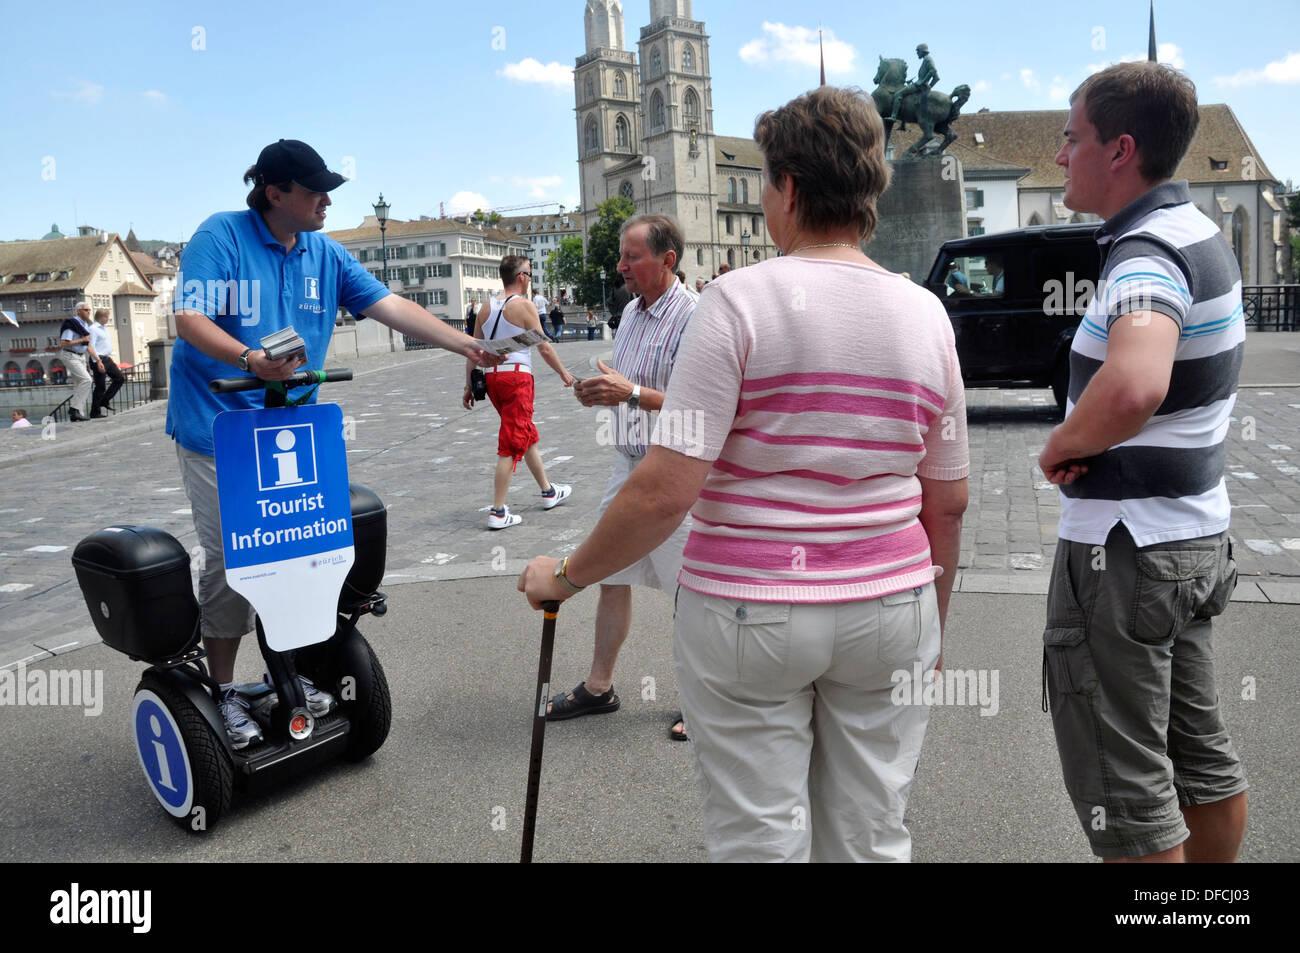 Zurich (Suiza): un empleado de turismo dando información a los turistas en el centro de la ciudad Imagen De Stock